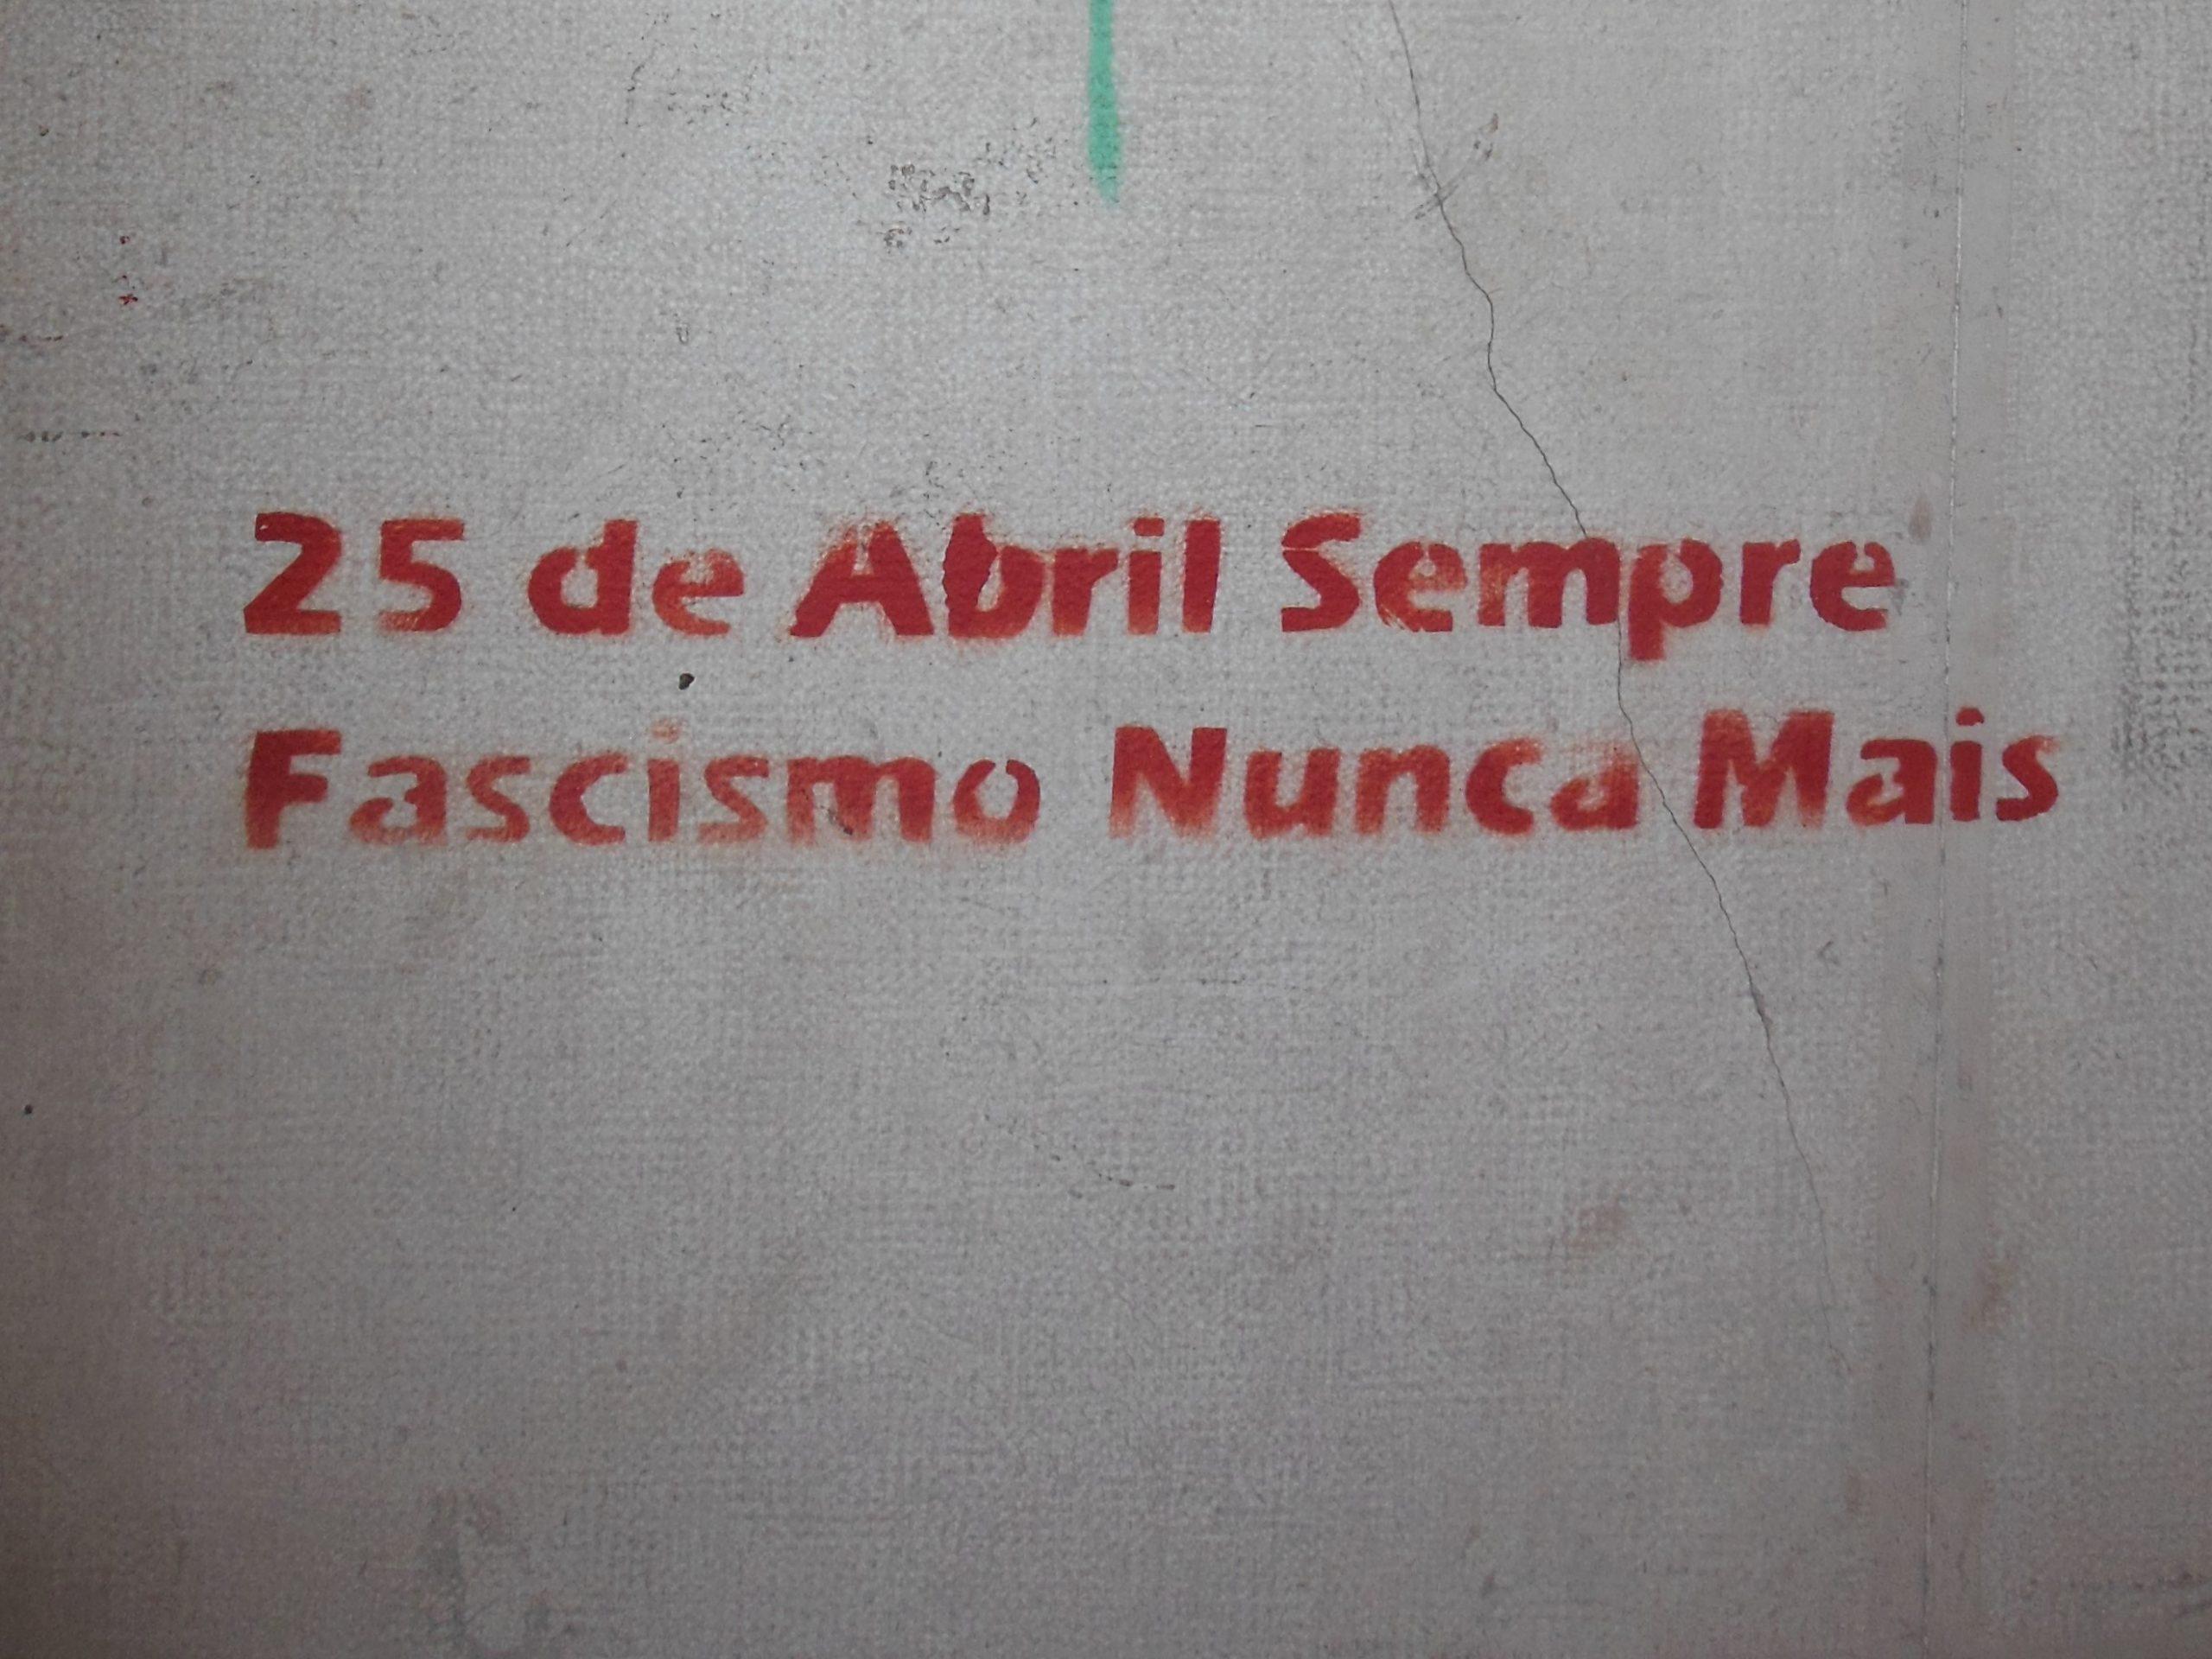 25 de Abril sempre, fascismo nunca mais!